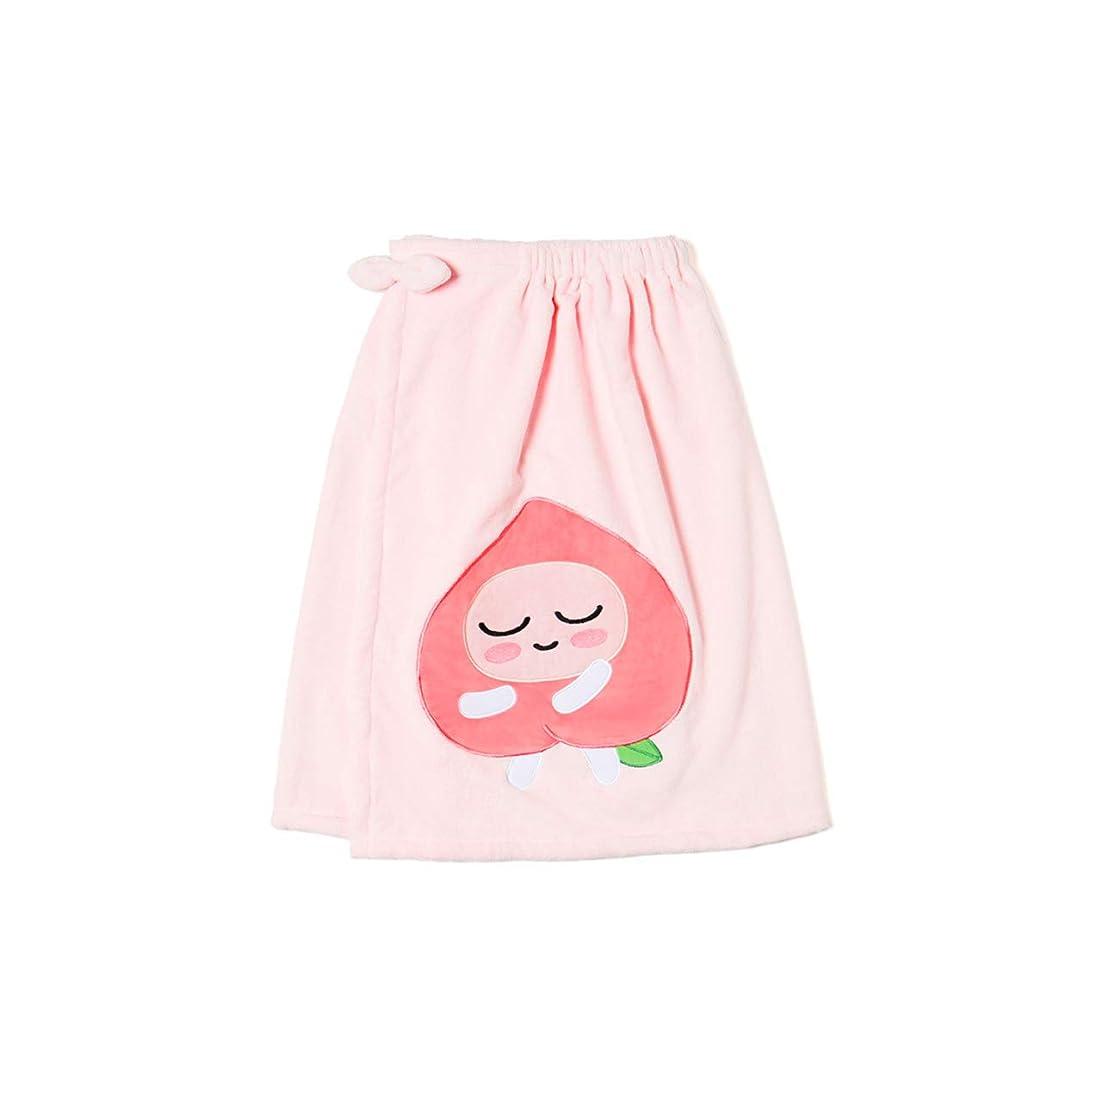 経済的反映するかんたん[オフィシャル] カカオフレンズ – スイートアピーチ バスドレスガウンピンク KAKAO FRIENDS - Sweet Apeach Bath Dress Pink